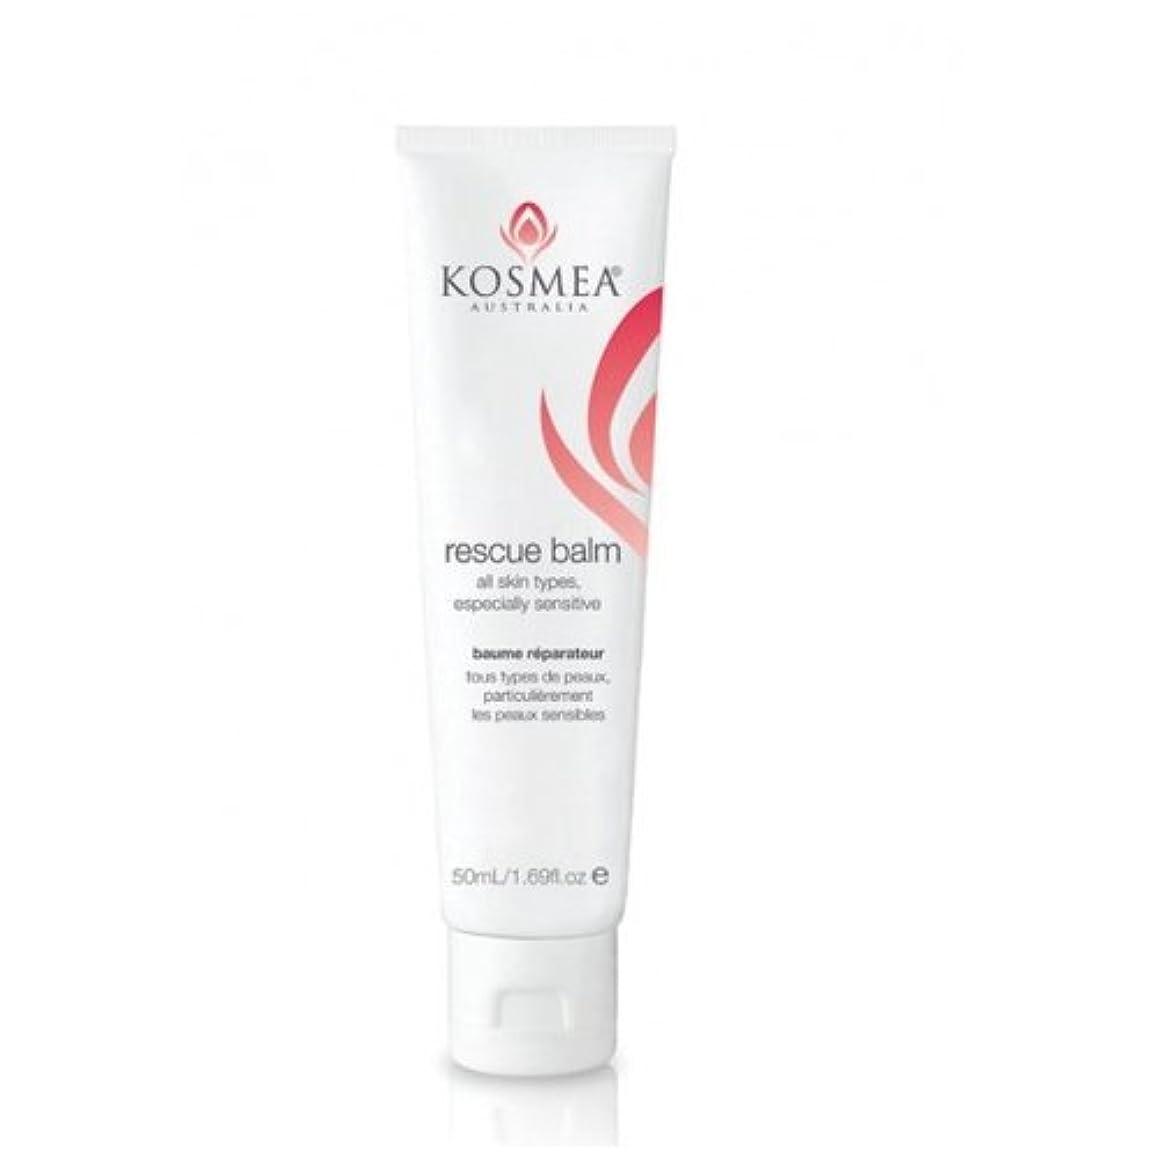 ジェスチャー二次徴収【KOSMEA】Skin Clinic TM Rescue Balm コスメア レスキューバーム 50ml【並行輸入品】【海外直送品】